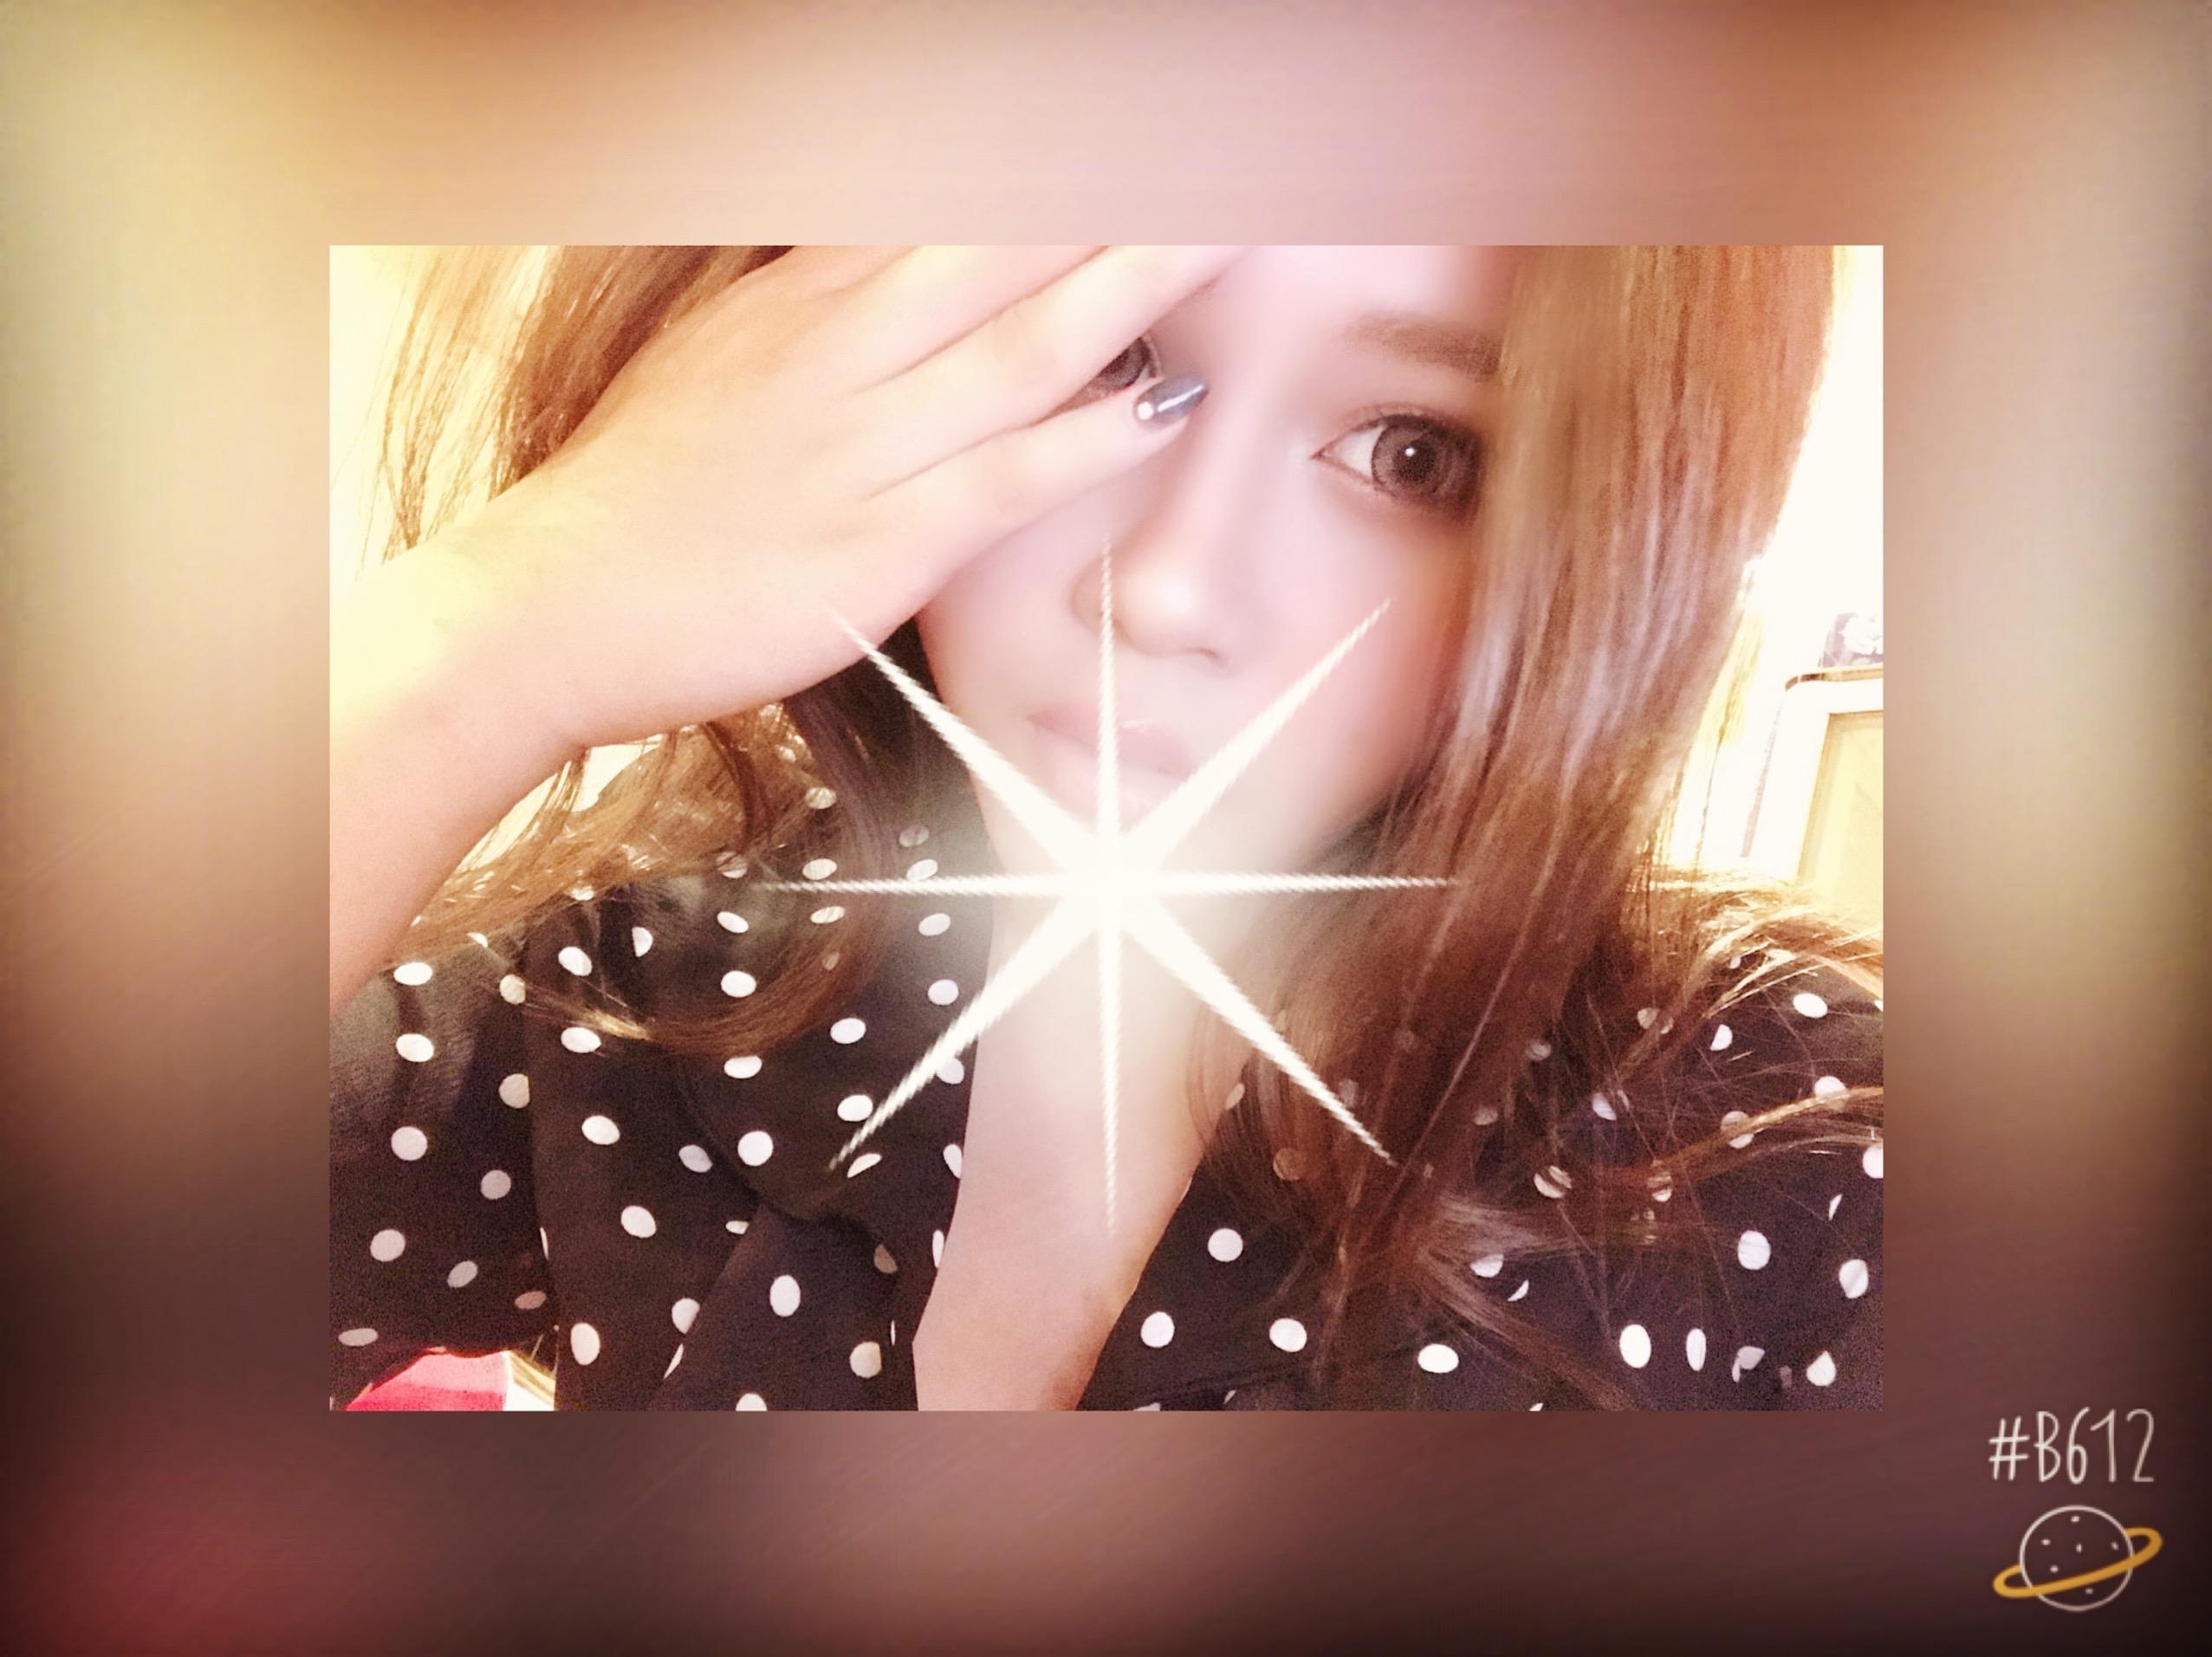 「こんにちは♡」11/18(11/18) 15:02   スズ ☆x2の写メ・風俗動画